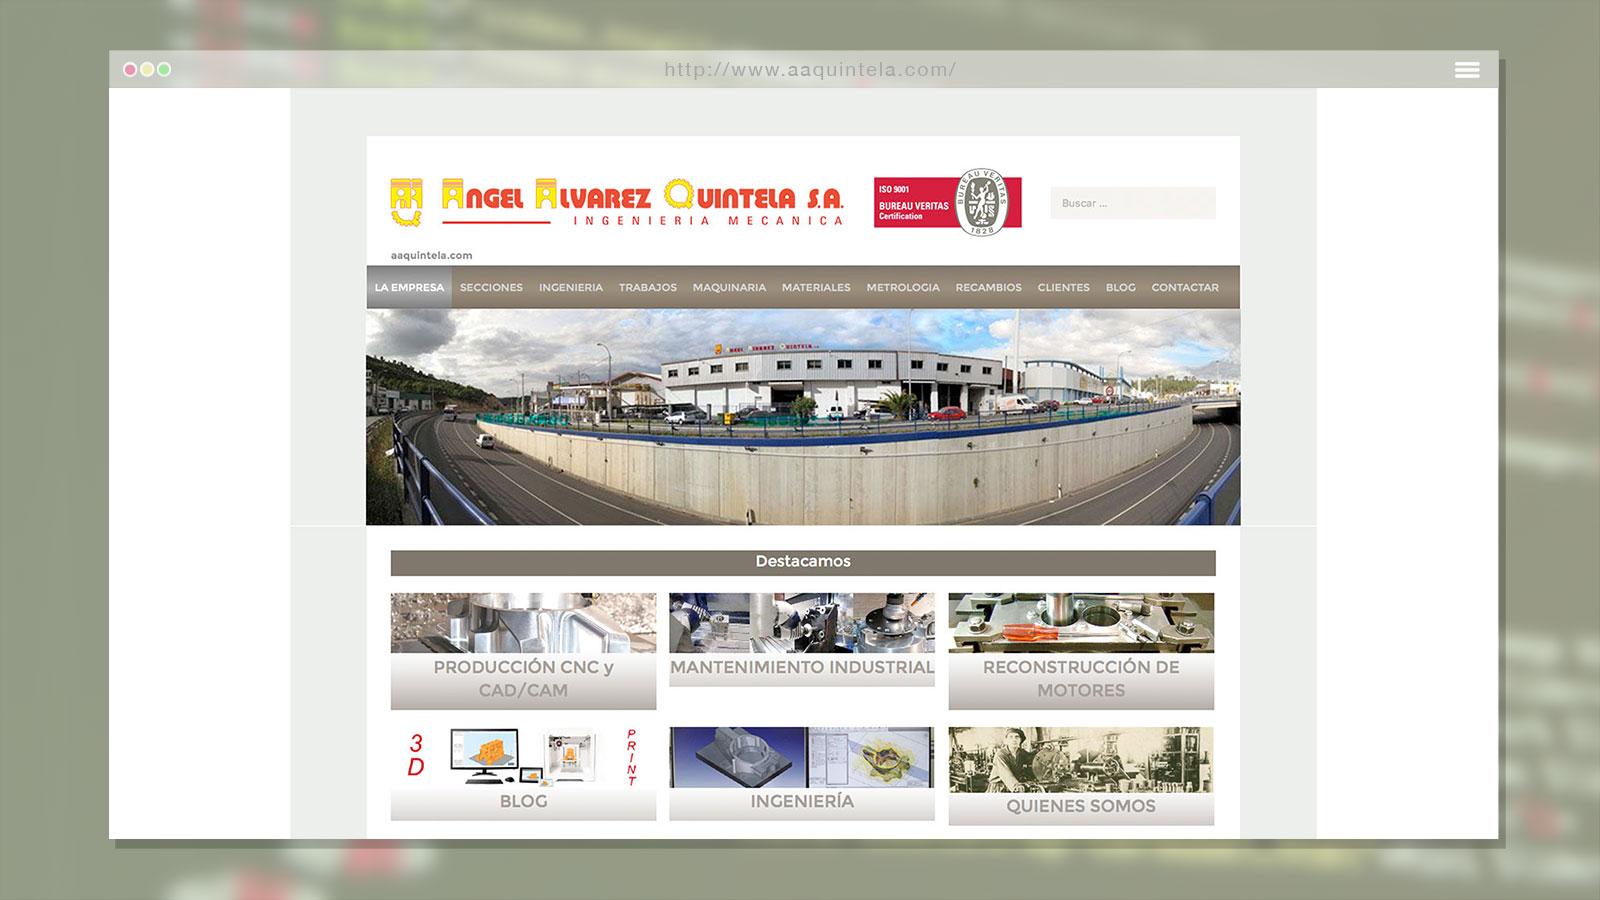 aaquintela.com